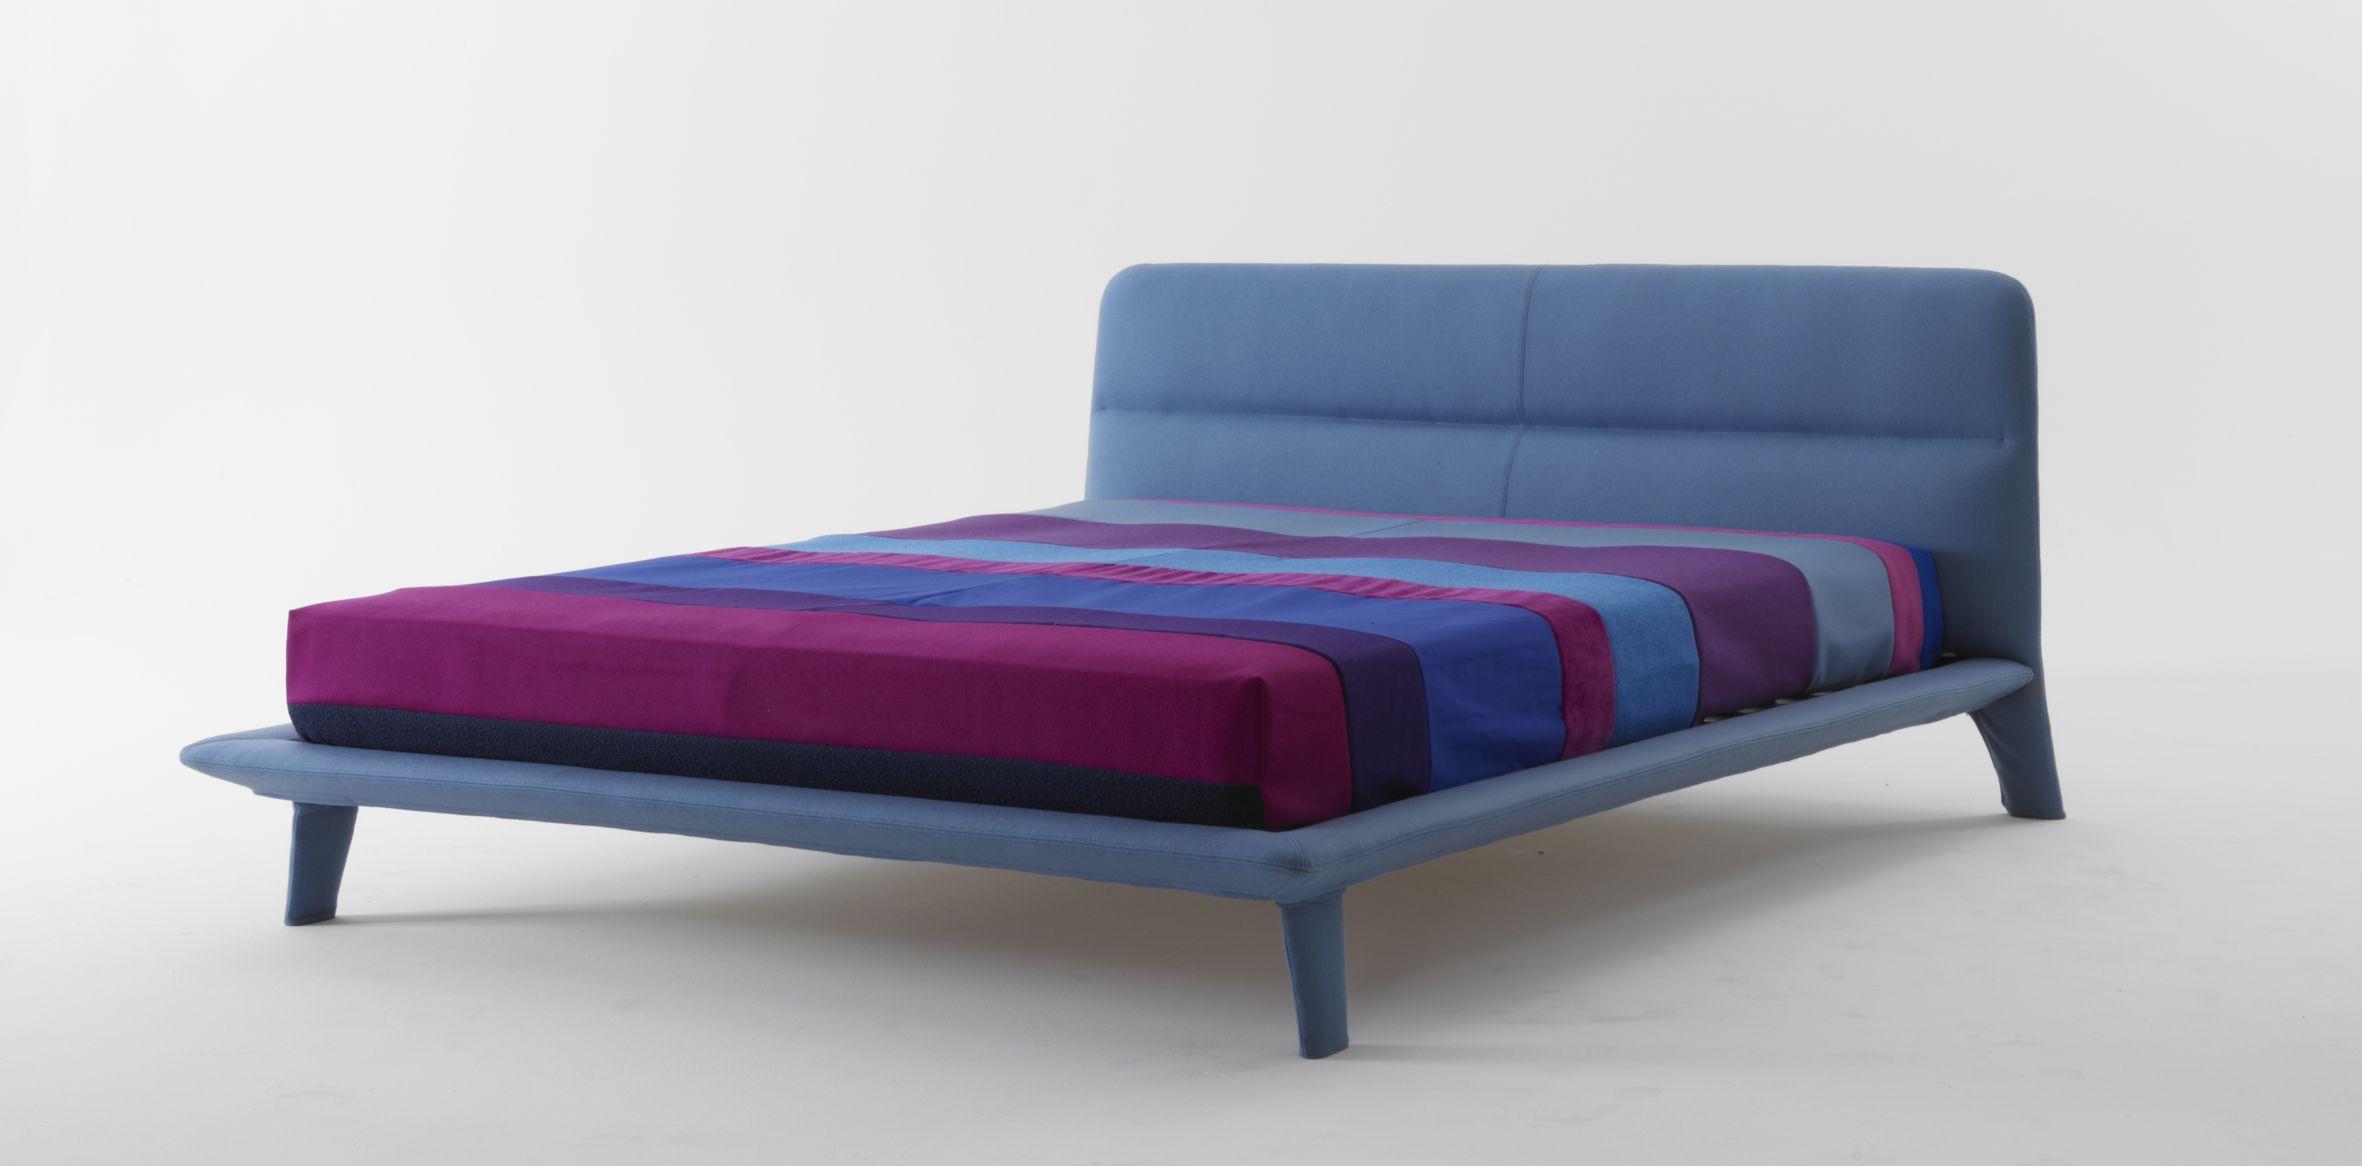 Designermöbel im von Bett ideen, Bett und Design